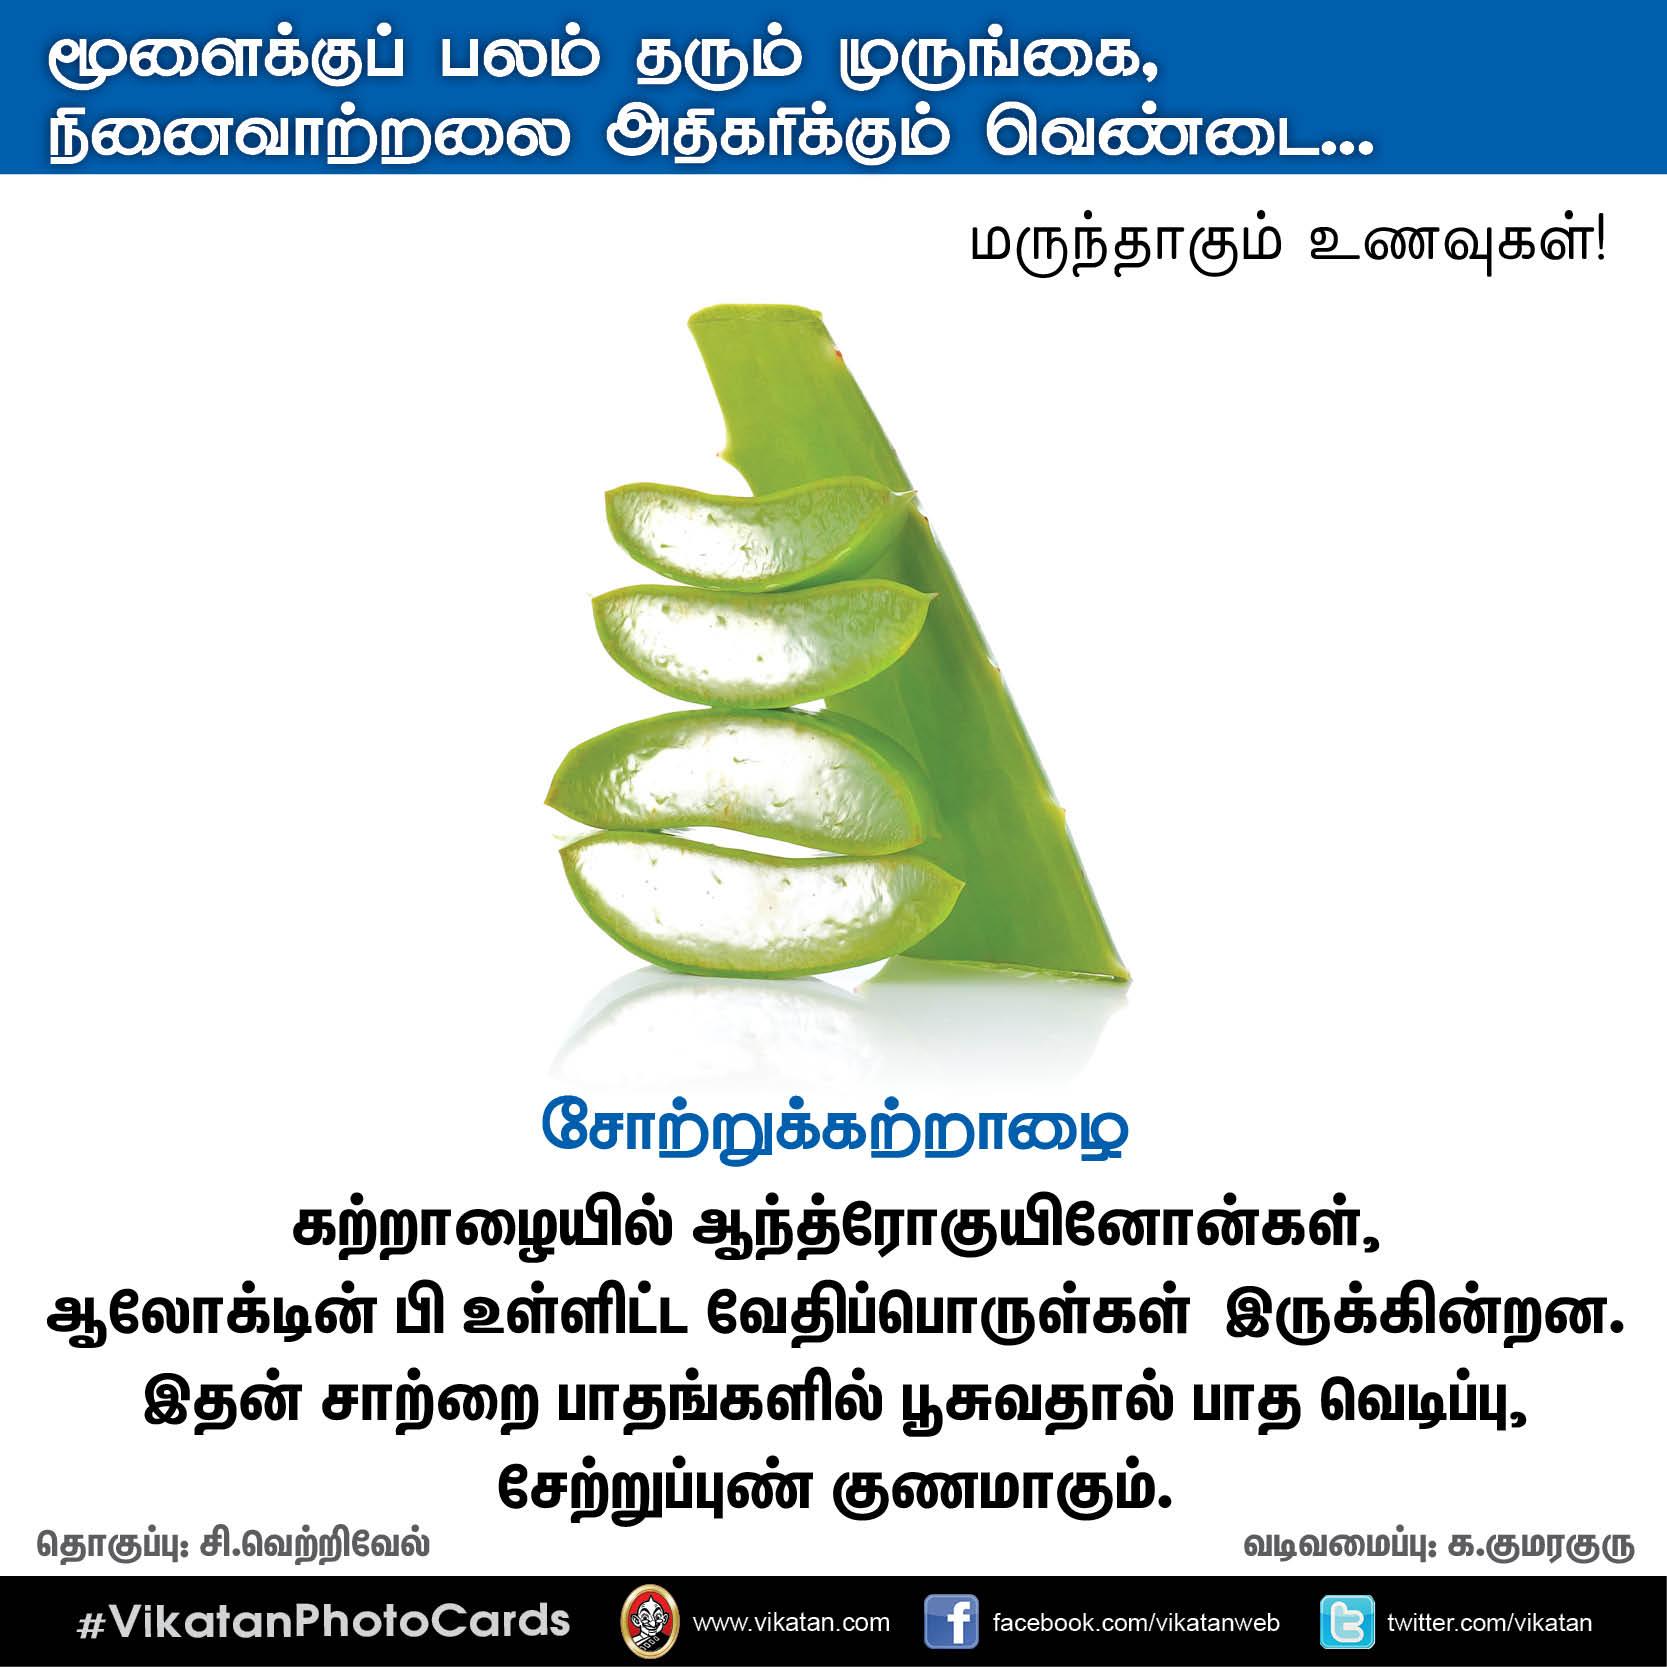 பசியின்மை போக்கும் கத்திரி, நினைவாற்றல் அதிகரிக்கும் வெண்டை... மருந்தாகும் காய்கறிகள்! #VikatanPhotoCards